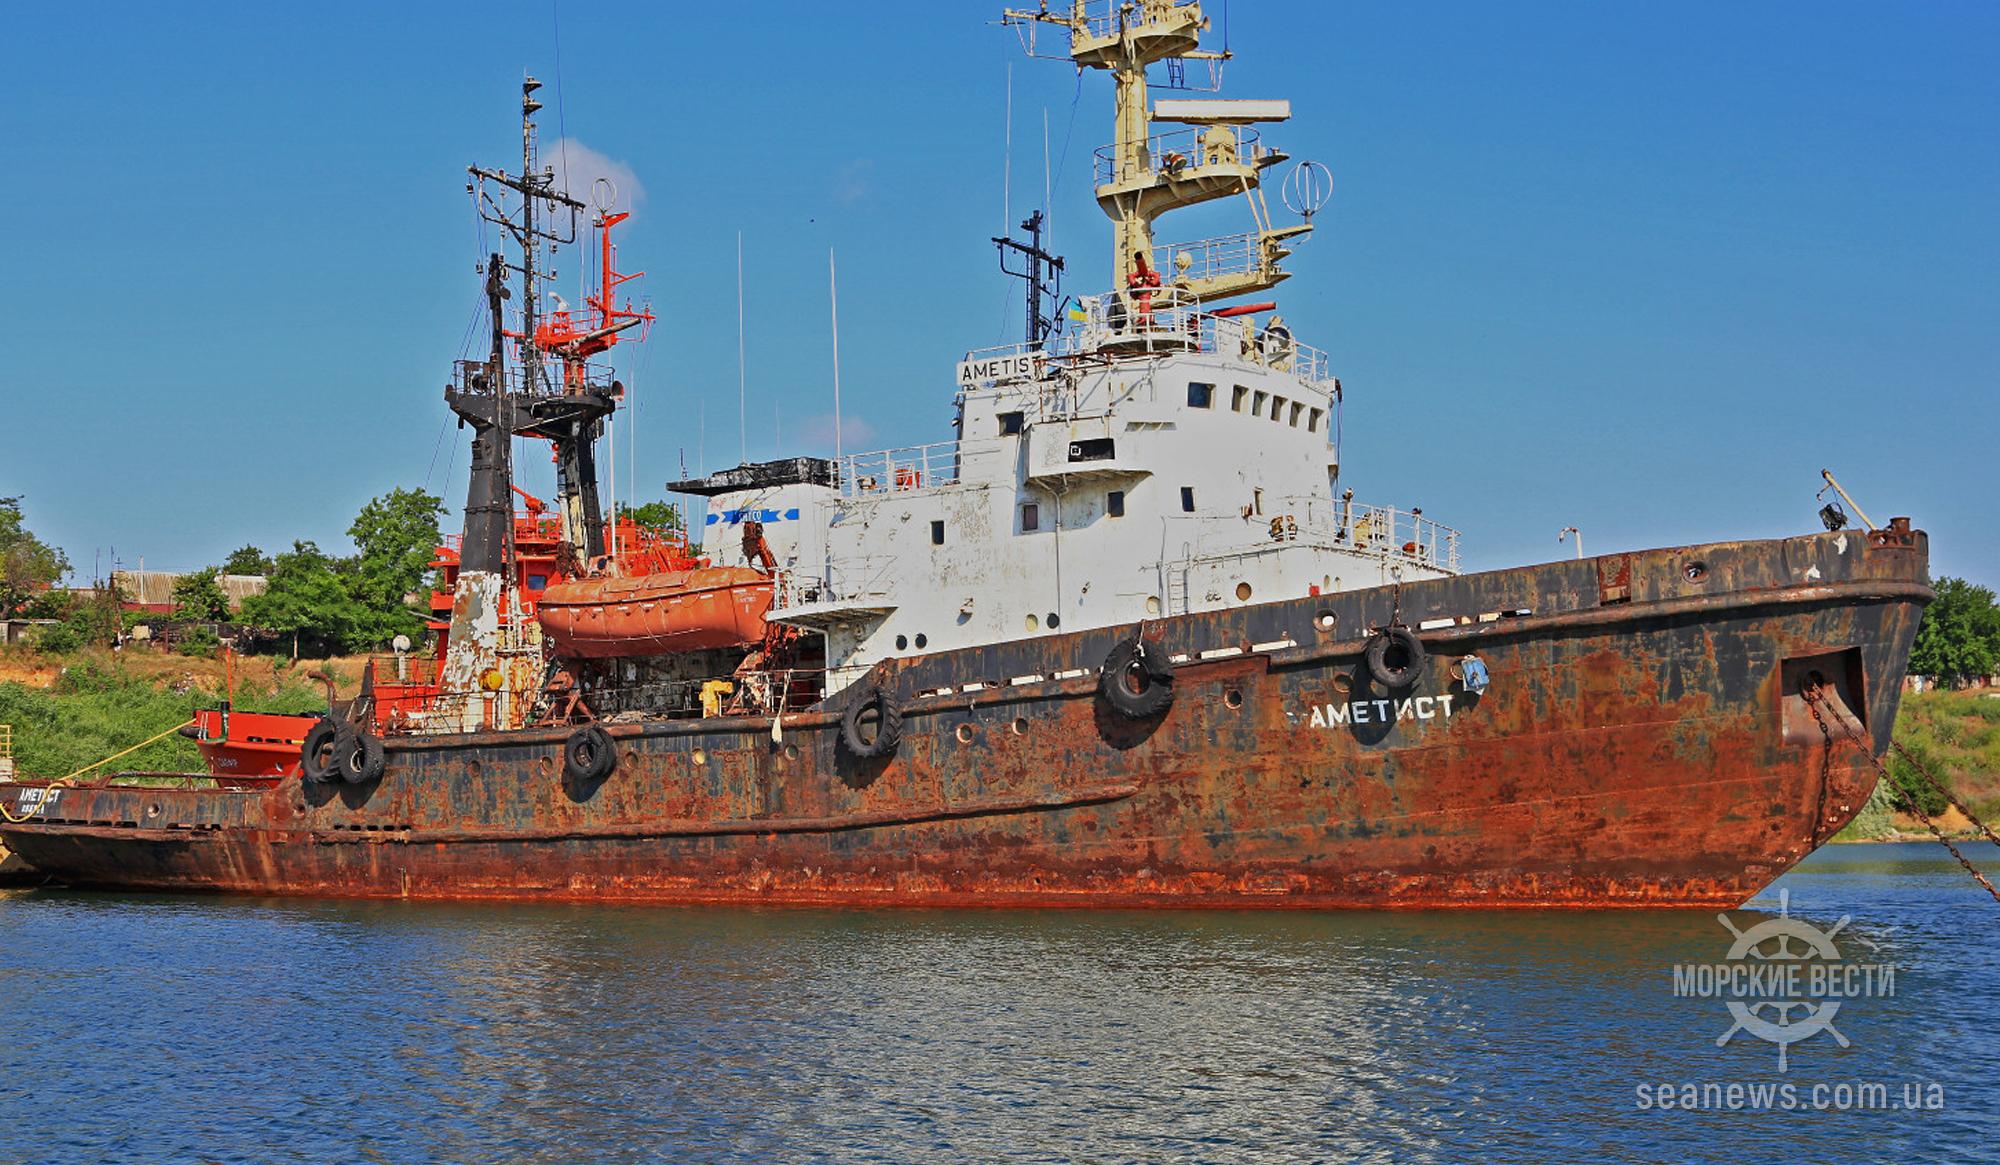 Загрязнение нефтью акватории в Черноморске обязали ликвидировать владельца «Аметиста»